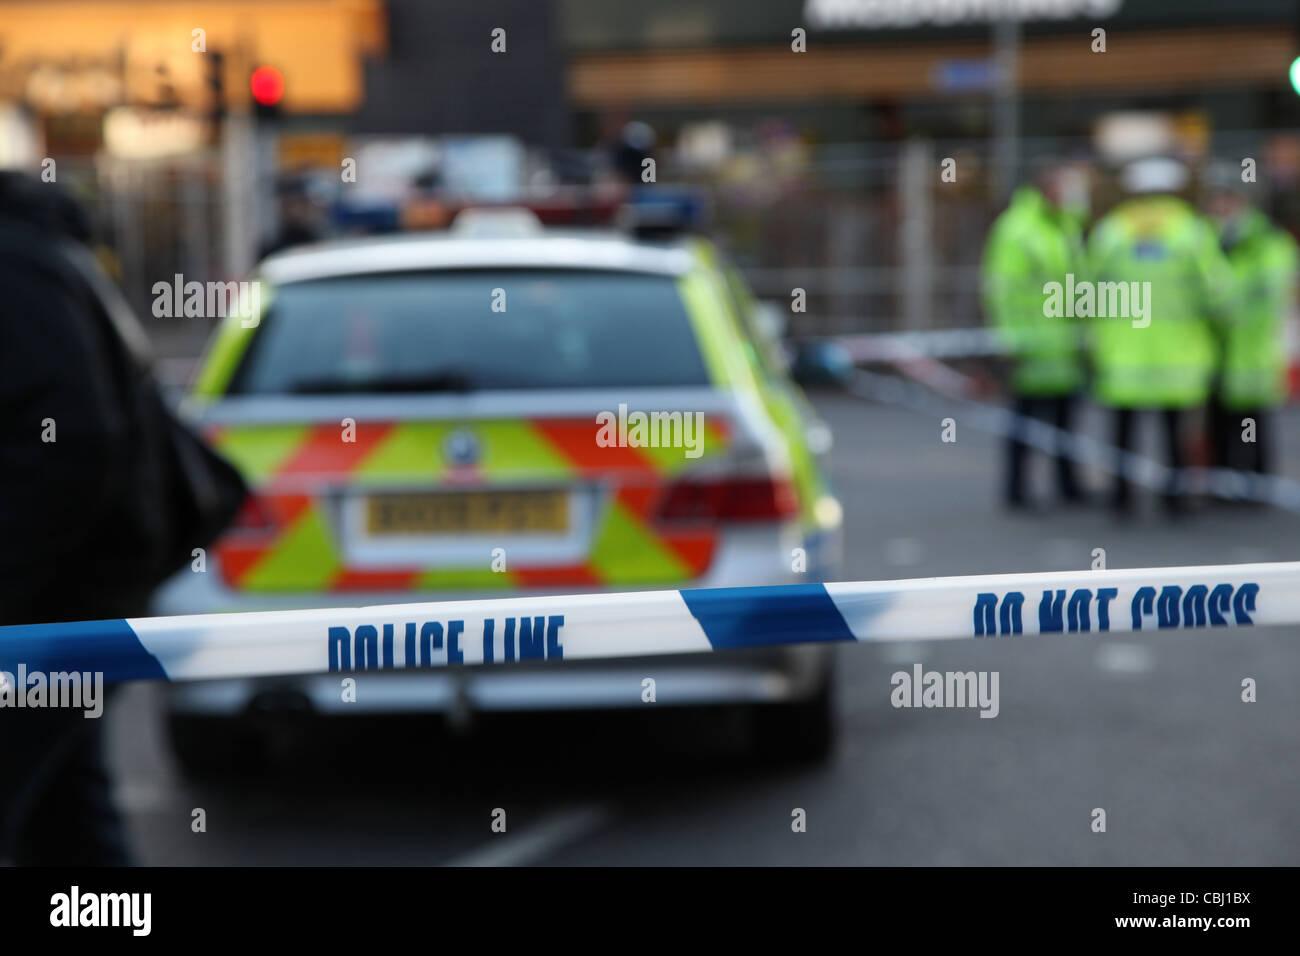 Polizeiabsperrung mit Fahrzeug und Kriminalität Untersuchung-Szene im Hintergrund Stockbild